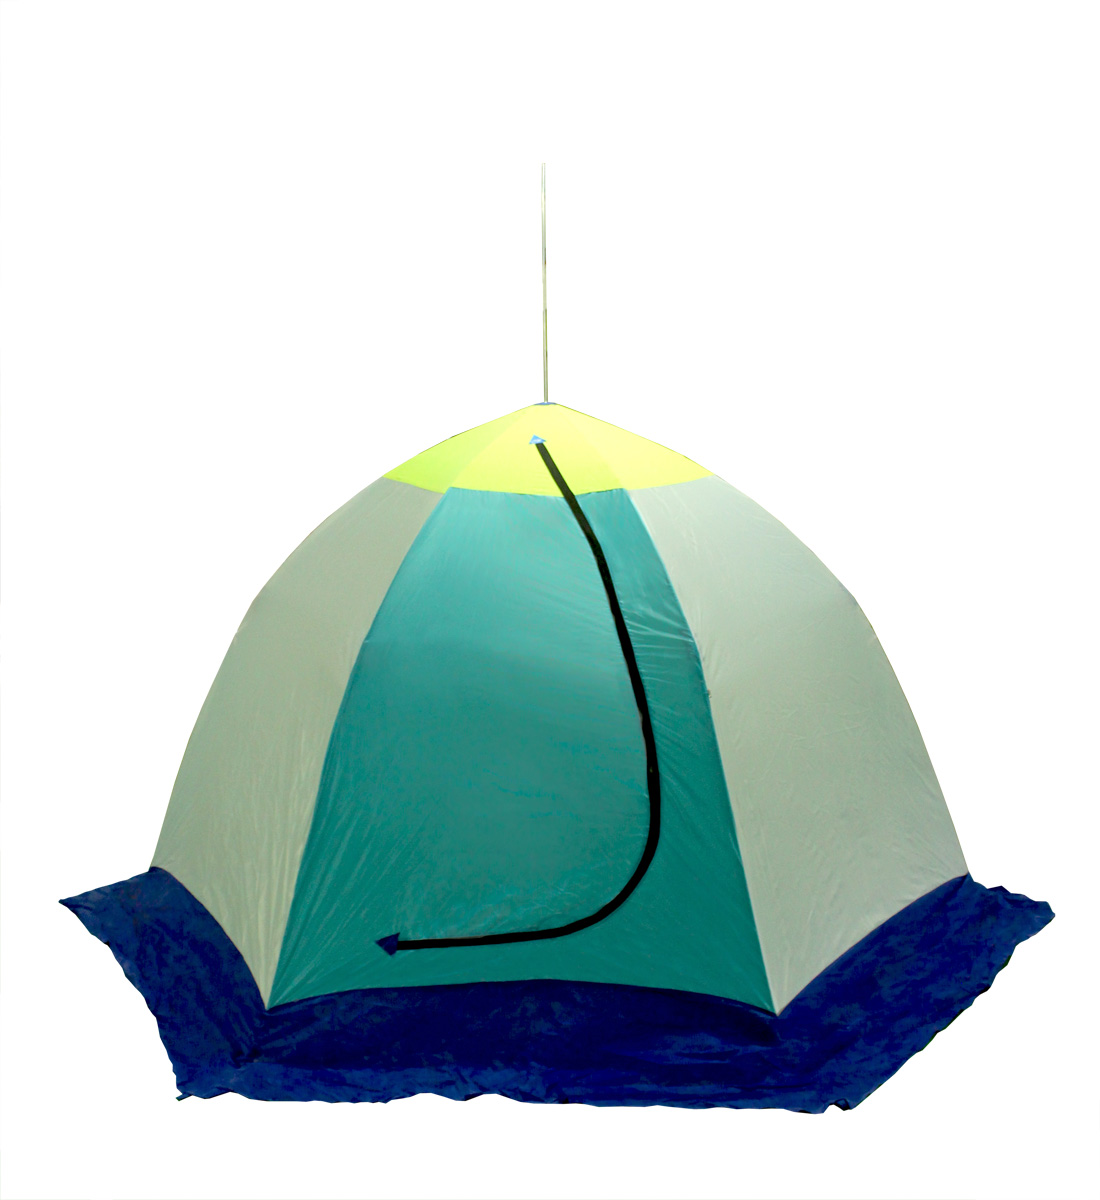 Палатка рыбака ELITE 3-м п/автомат брезент Палатки зимние<br>Предназначена для зимнего подледного лова. <br>Изготовлена из высокопрочного алюминиево-дюралевого <br>каркаса, алюминиевой комплектации и синтетической <br>непродуваемой ткани (оксфорд). Удлиненная <br>юбка (по низу увеличена на 25 см) 75 см верха <br>палатки - вставка из дышащей ткани (типа <br>брезент), что позволяет безопасно использовать <br>любые (исправные) обогревательные плиты. <br>Габариты в собранном виде: 1150х200 мм Вес: <br>5.3 кг. Габариты в разобранном виде: высота <br>- 1600 мм, диаметр (по диагонали, по низу) - 2600 <br>мм.<br>